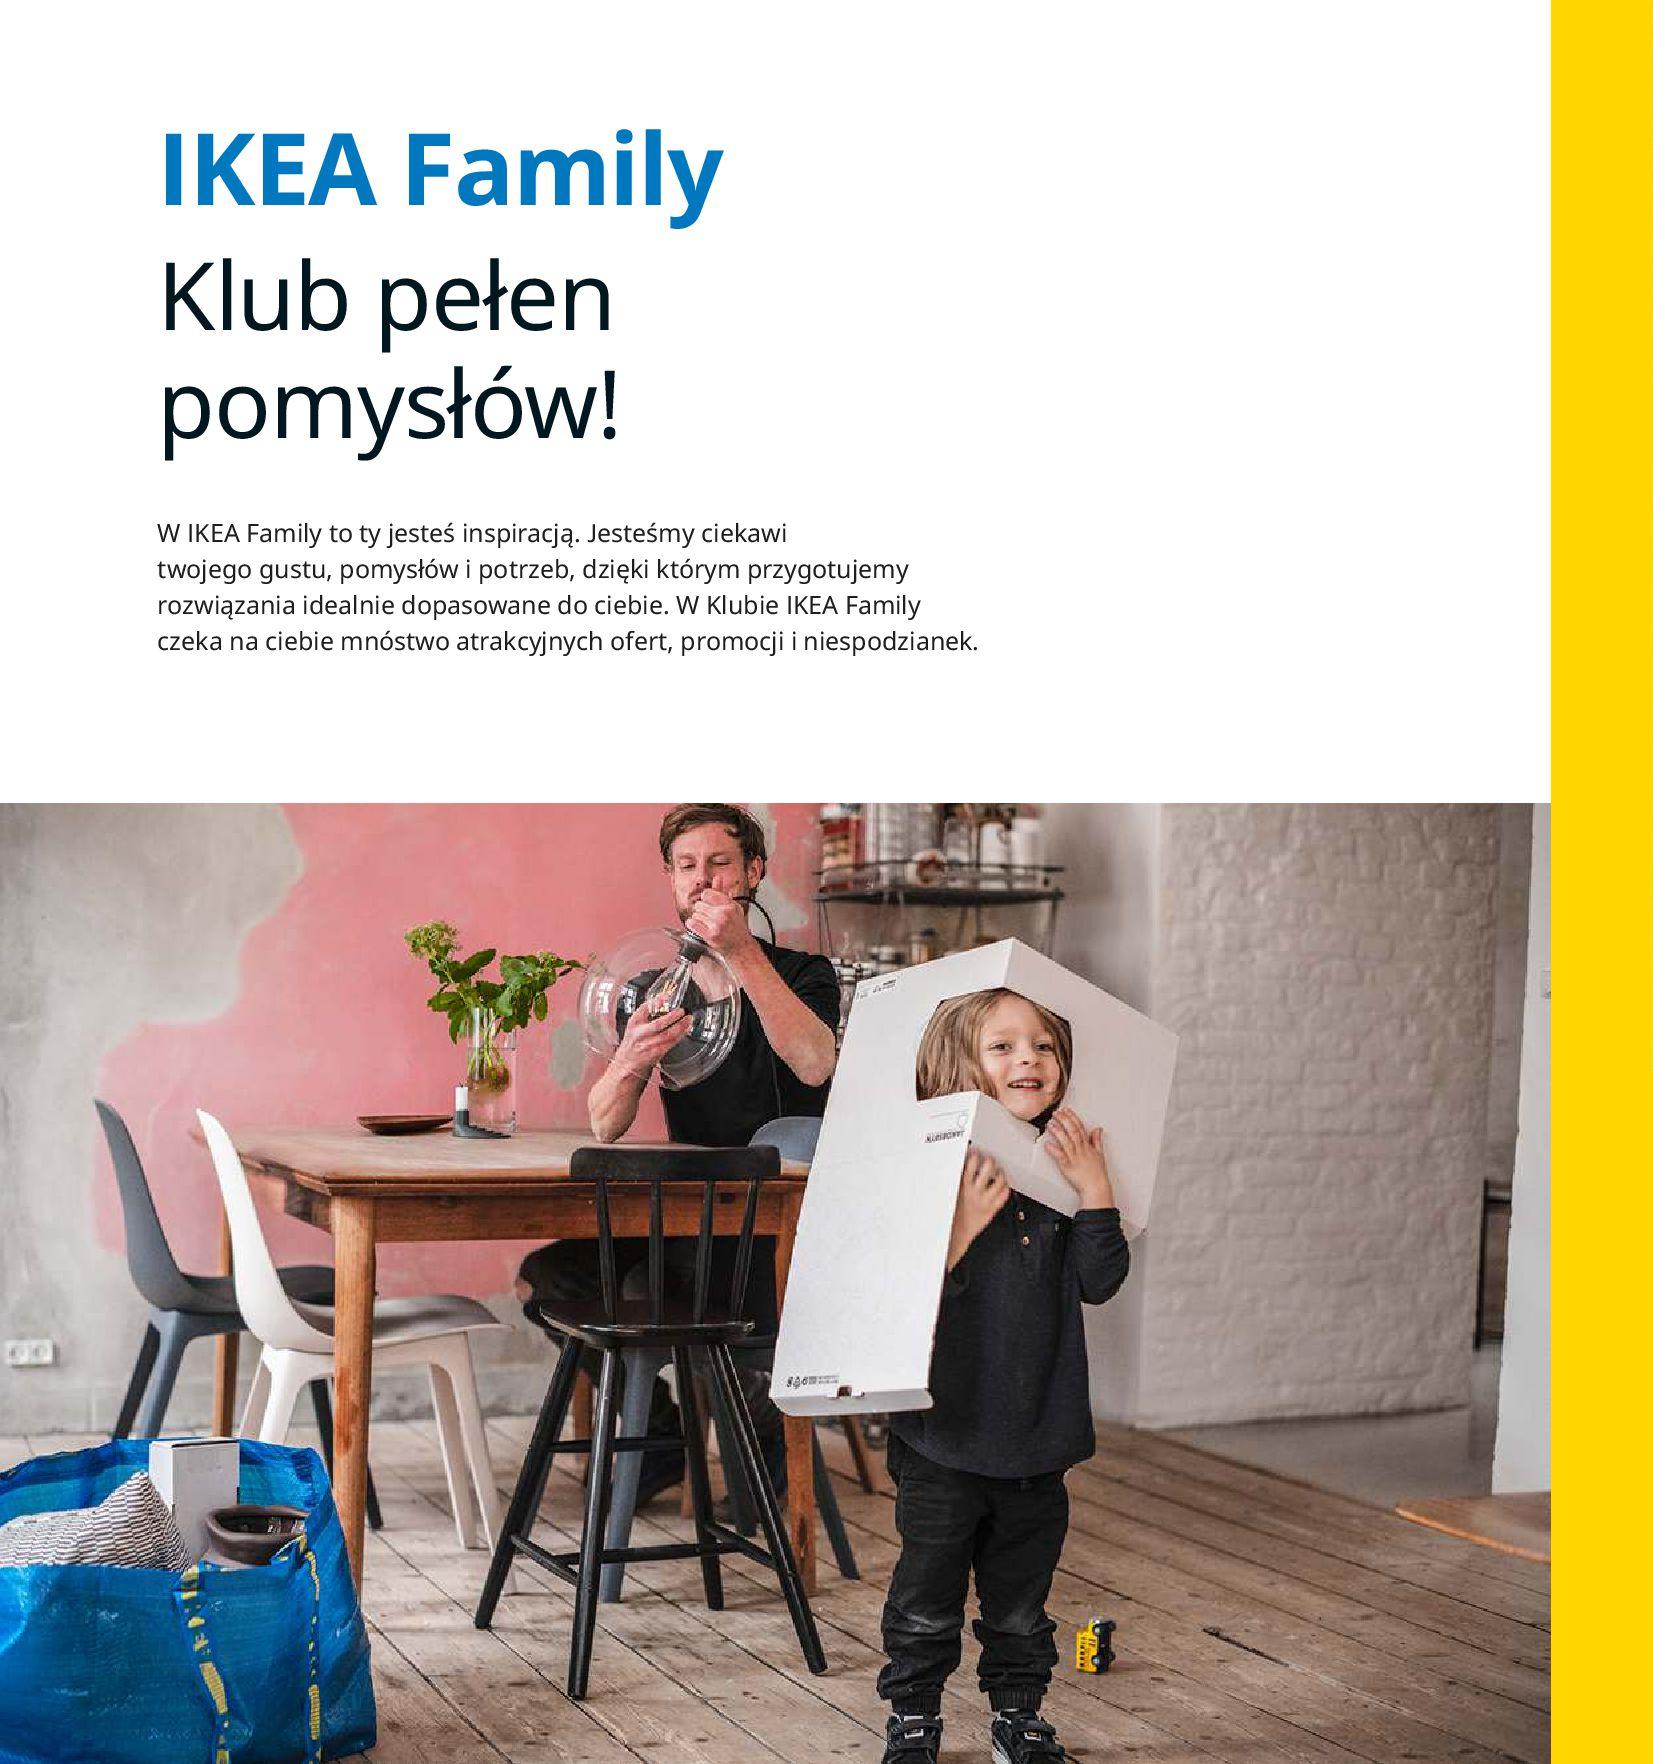 Gazetka IKEA - Katalog IKEA 2020-25.08.2019-31.07.2020-page-282